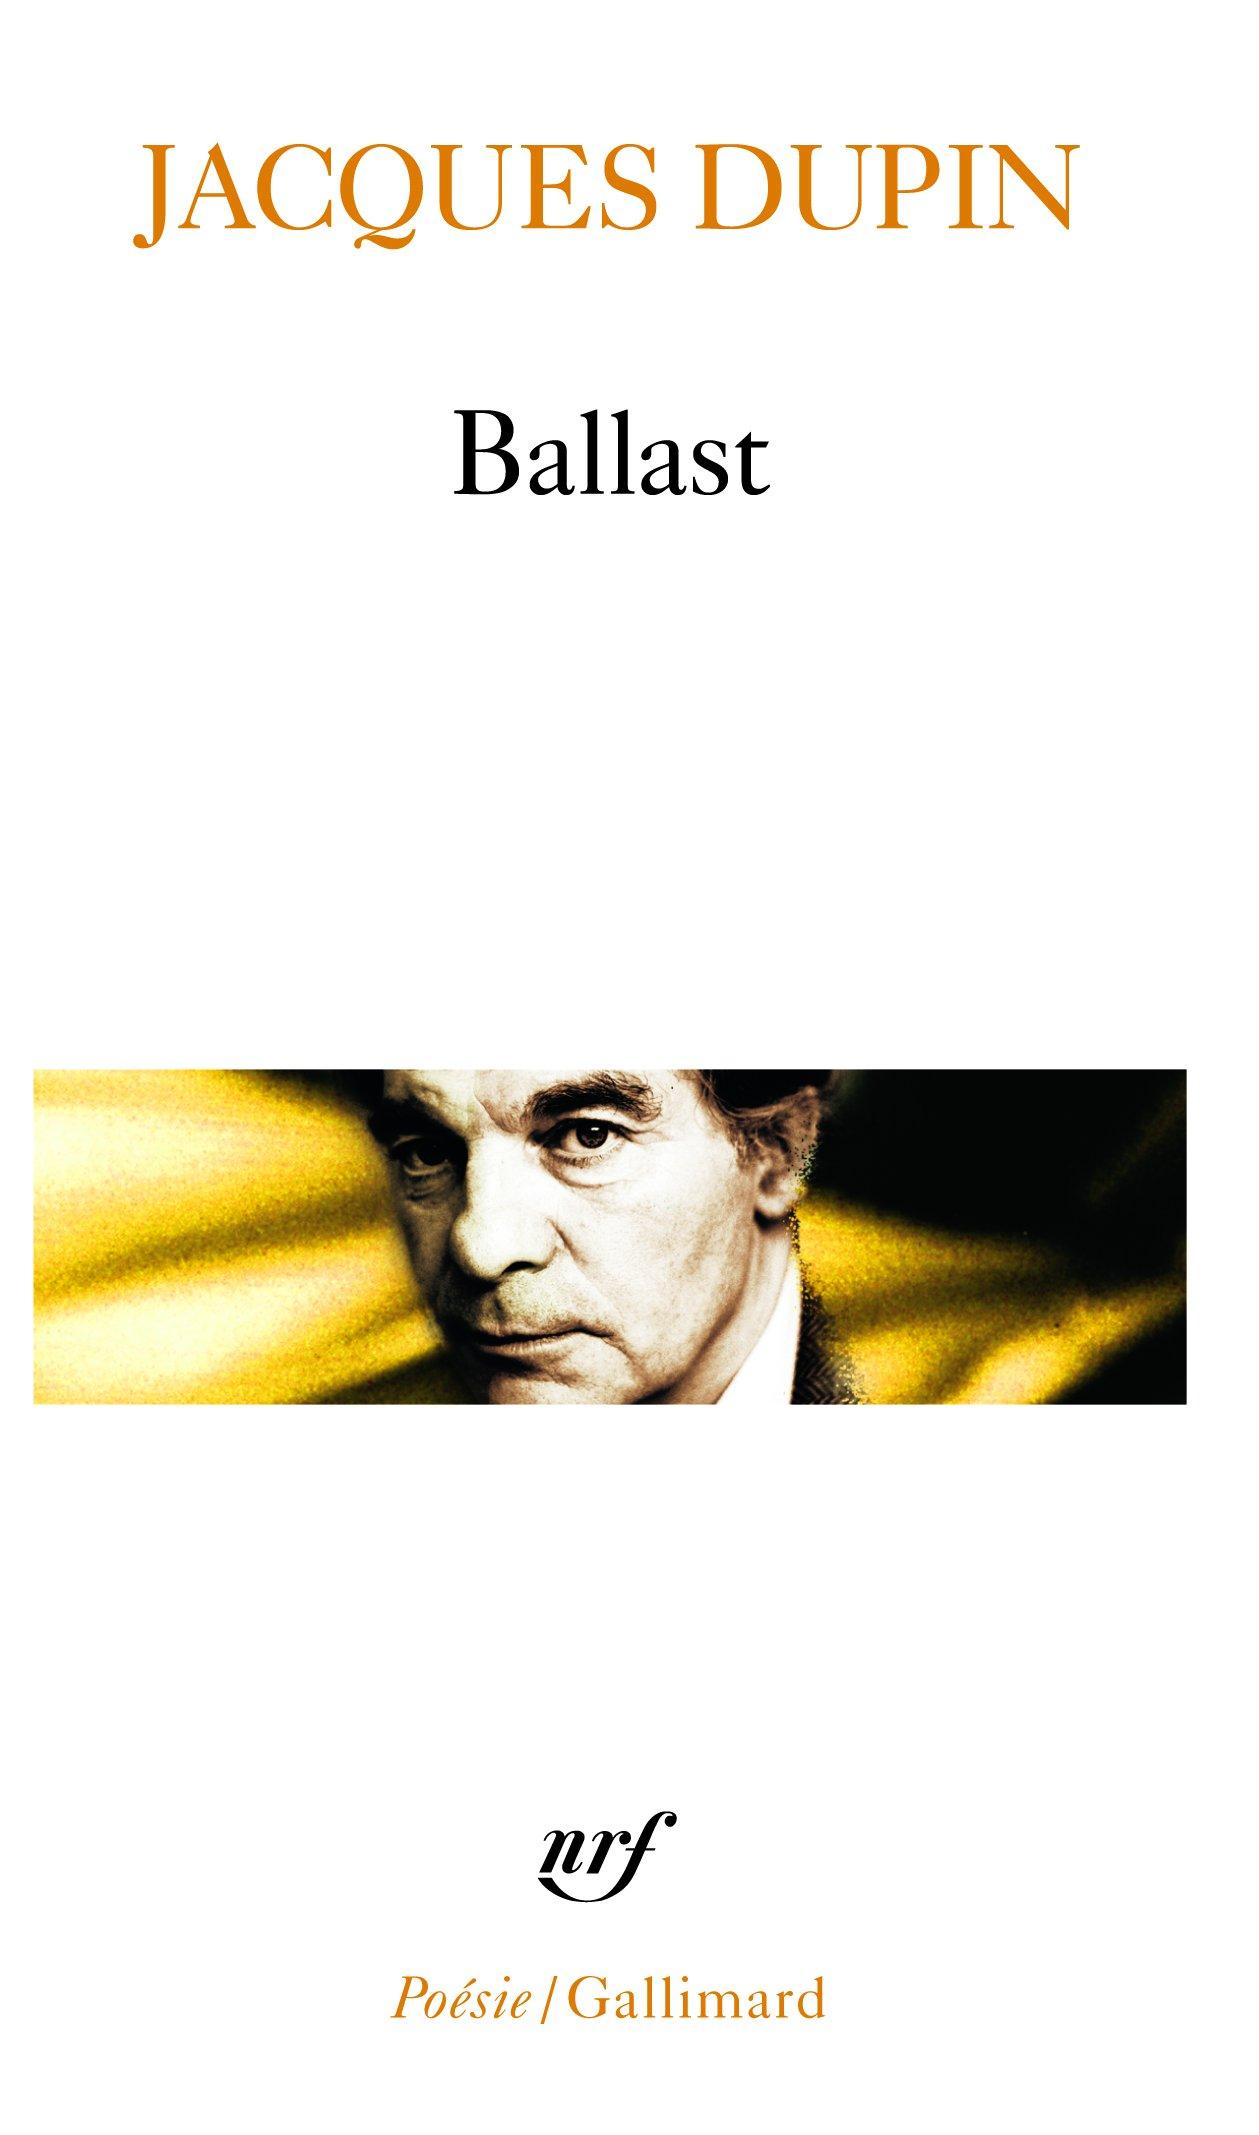 Ballast (Poesie/Gallimard) (French Edition) ebook